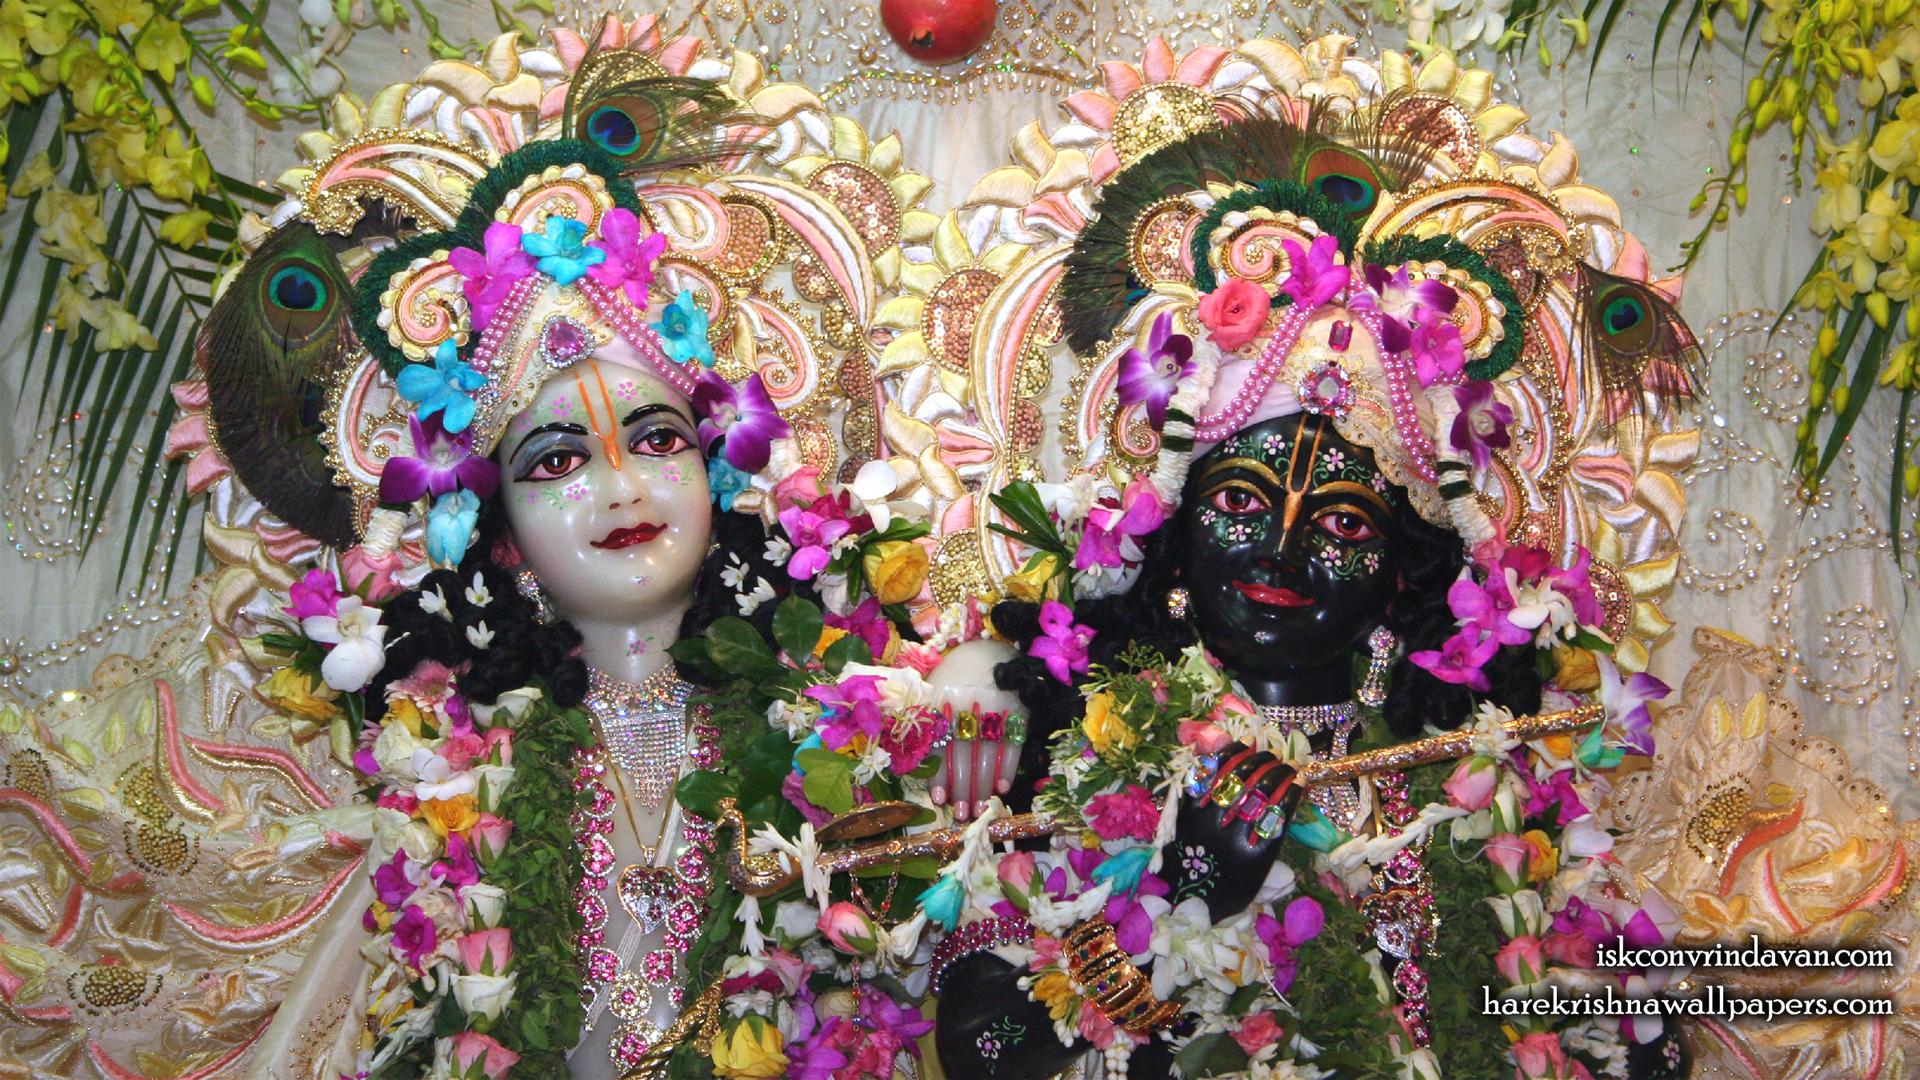 Sri Sri Krishna Balaram Close up Wallpaper (002) Size 1920x1080 Download